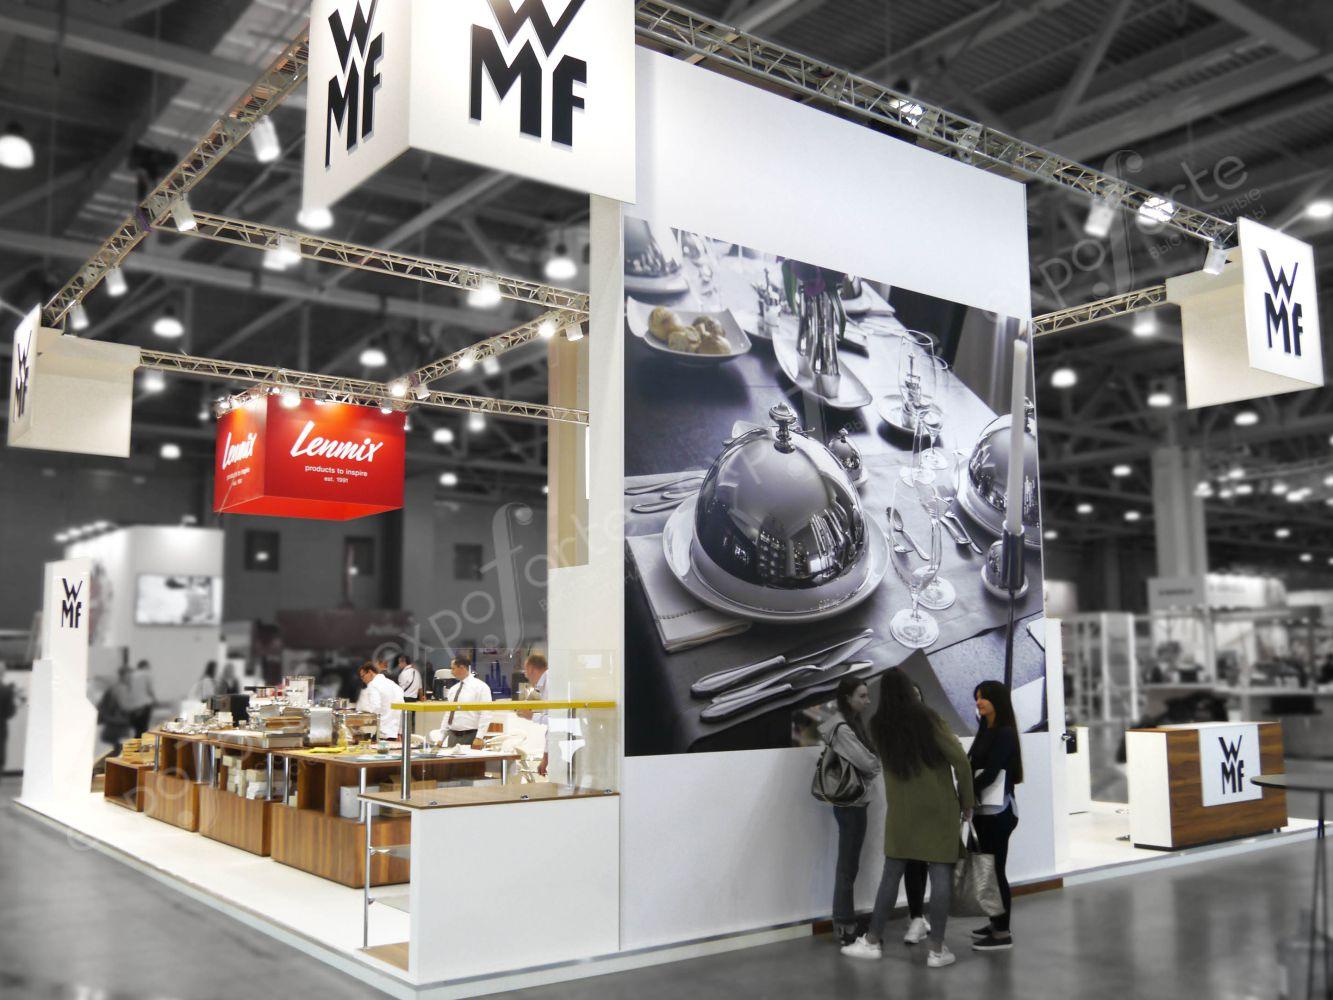 Фото: WMF, выставка PIR – картинка 2